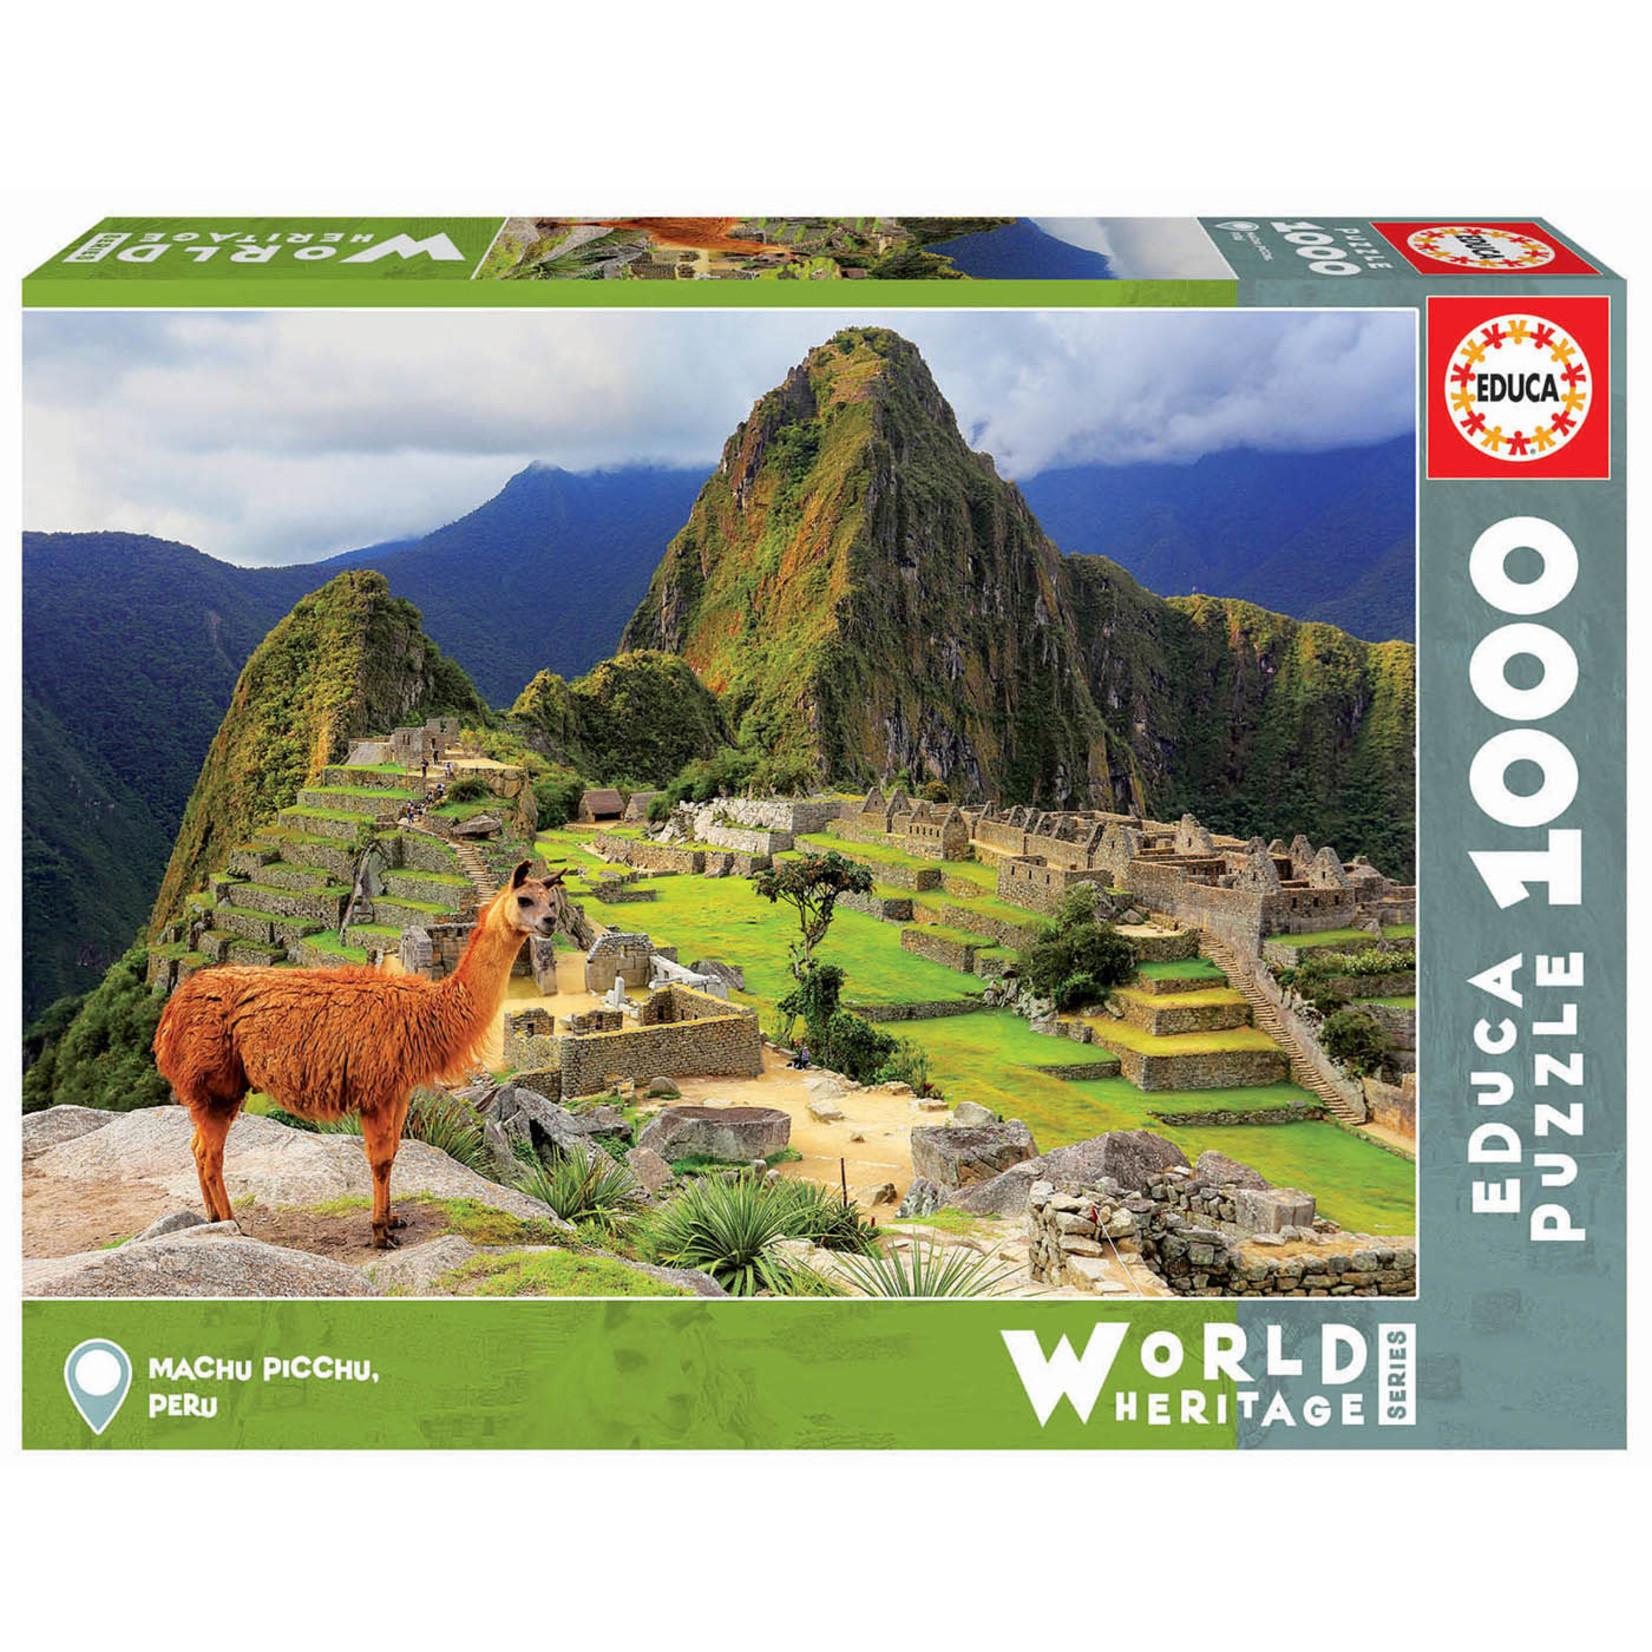 Educa Puzzles Machu Picchu Peru 1000pc